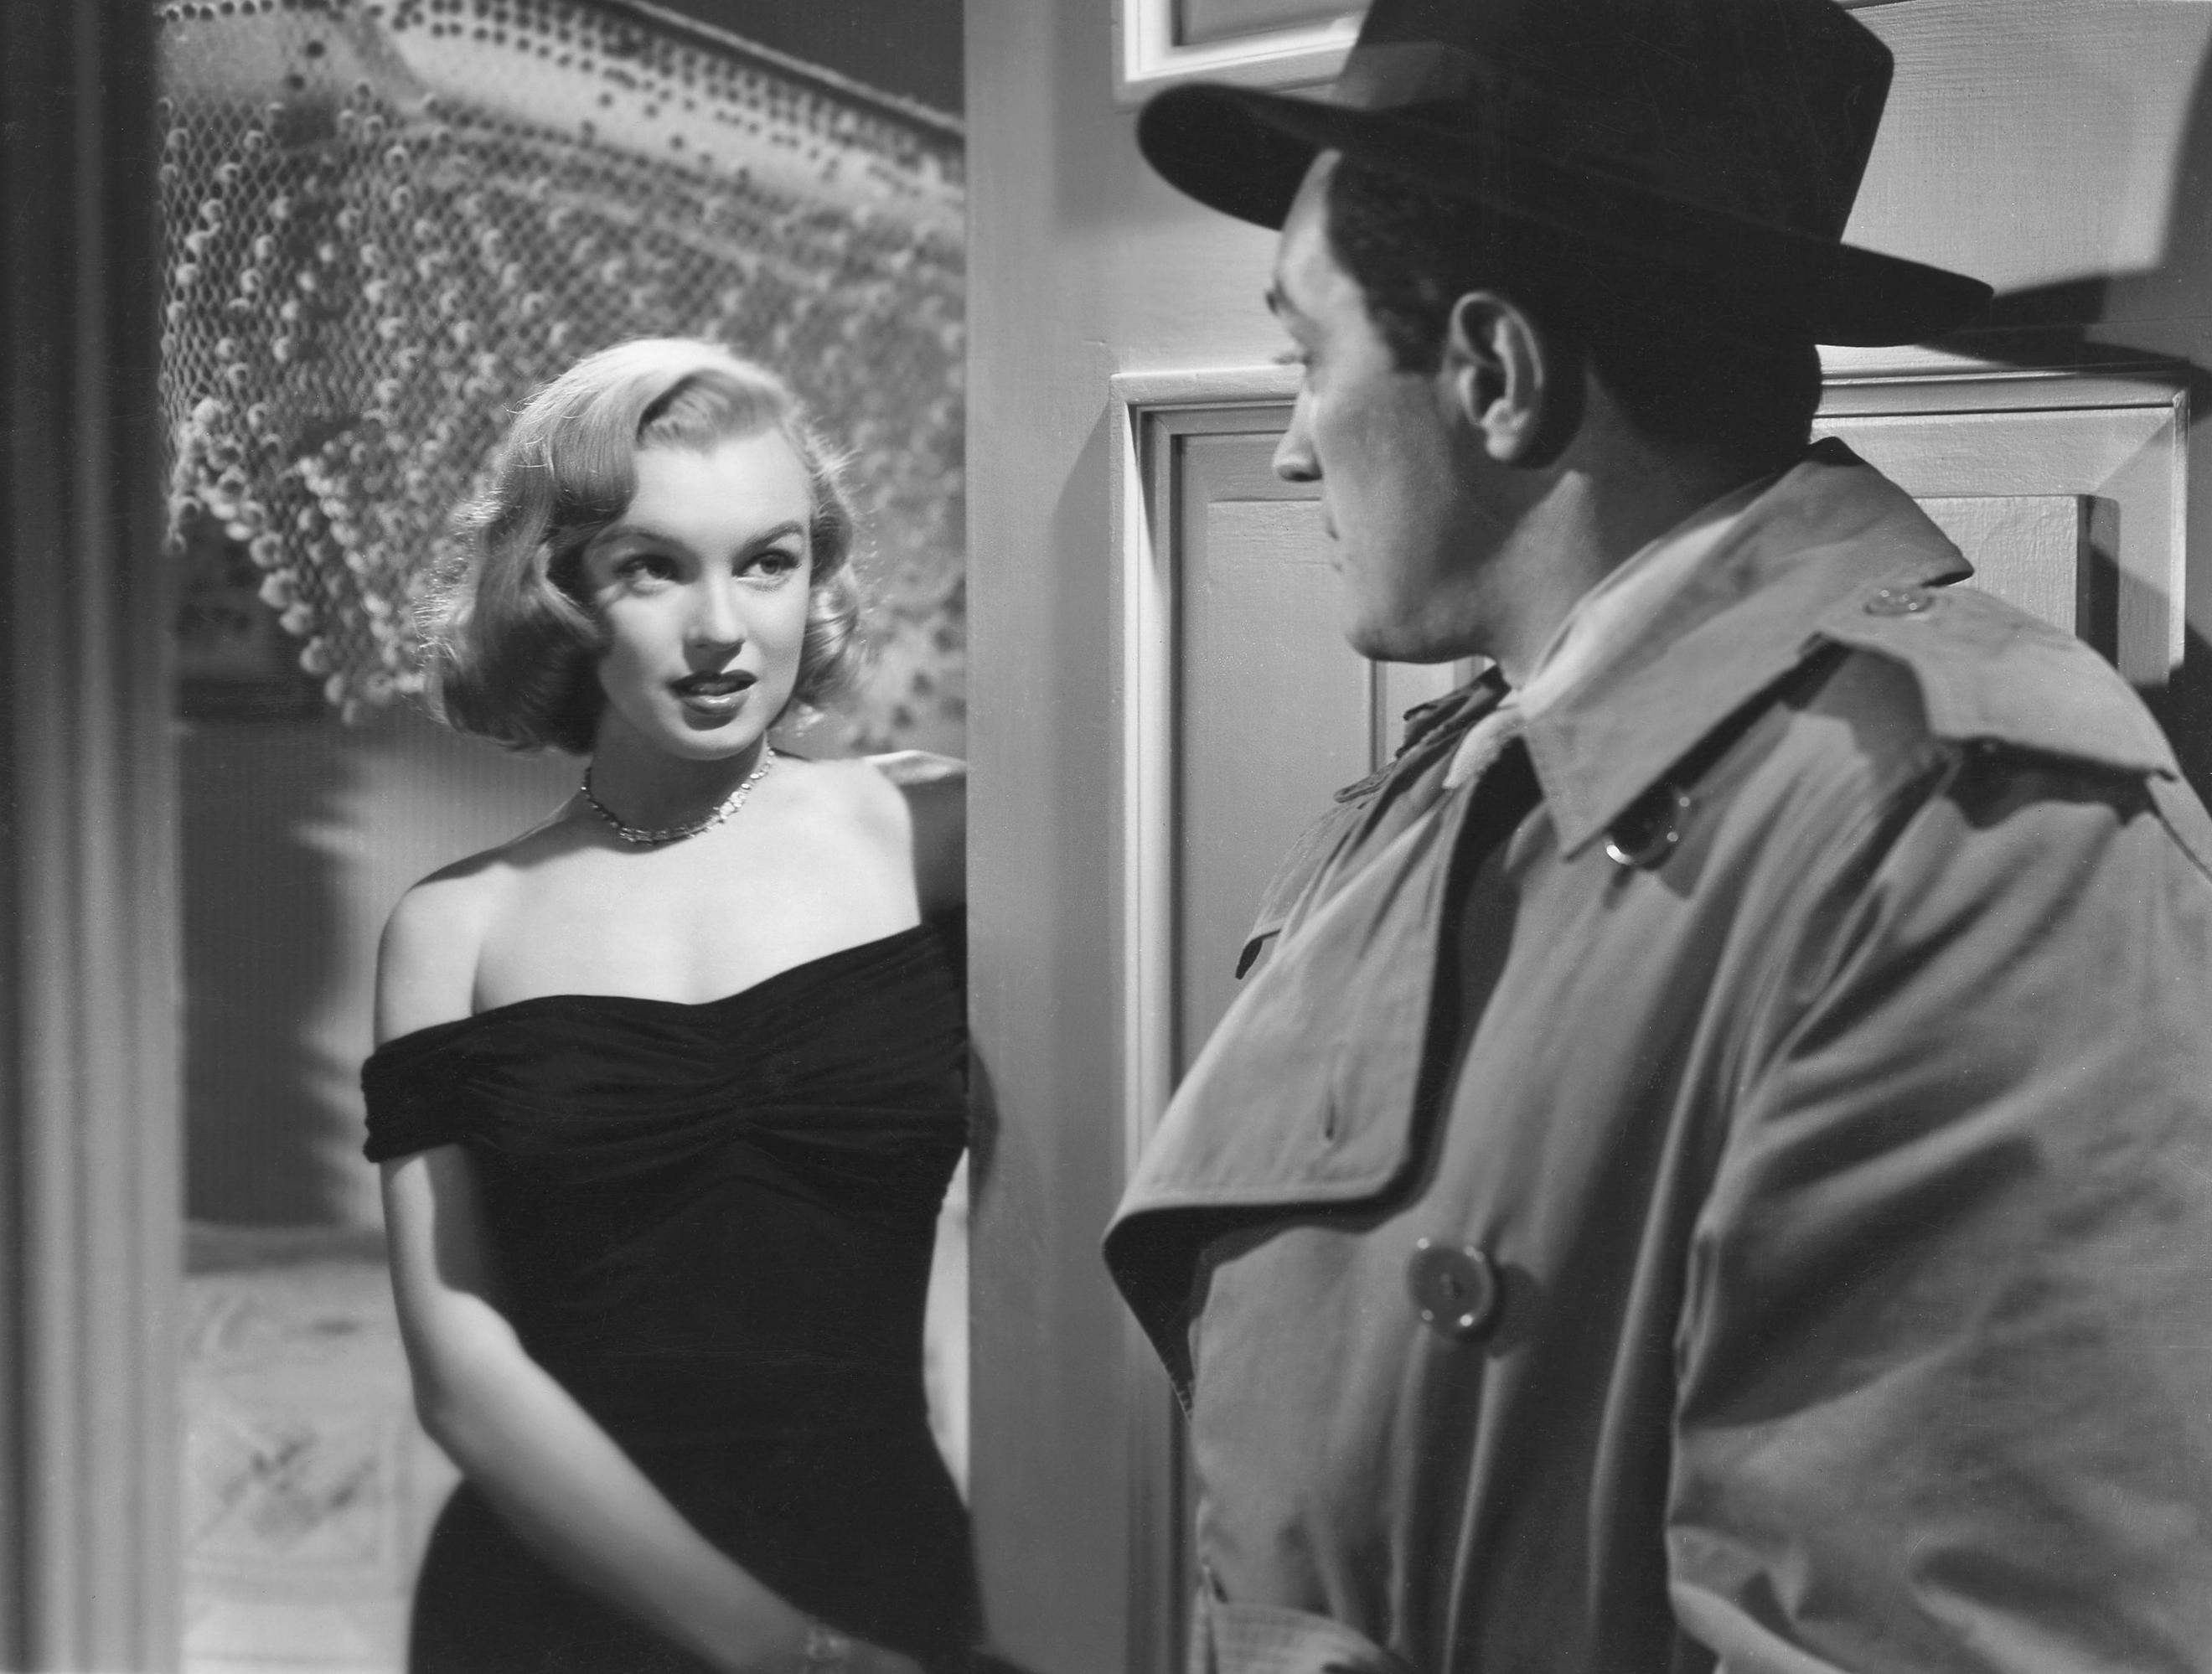 Marilyn Monroe jako Angela Phinlay w filmie 'Asfaltowa dżungla' (The Asphalt Jungle) w 1950 r. Był to jeden z jej pierwszych występów zauważonych przez krytykę (fot. Macfadden Publications New York, publisher of Radio-TV Mirror - page 20 / Wikimedia.org / Domena publiczna)